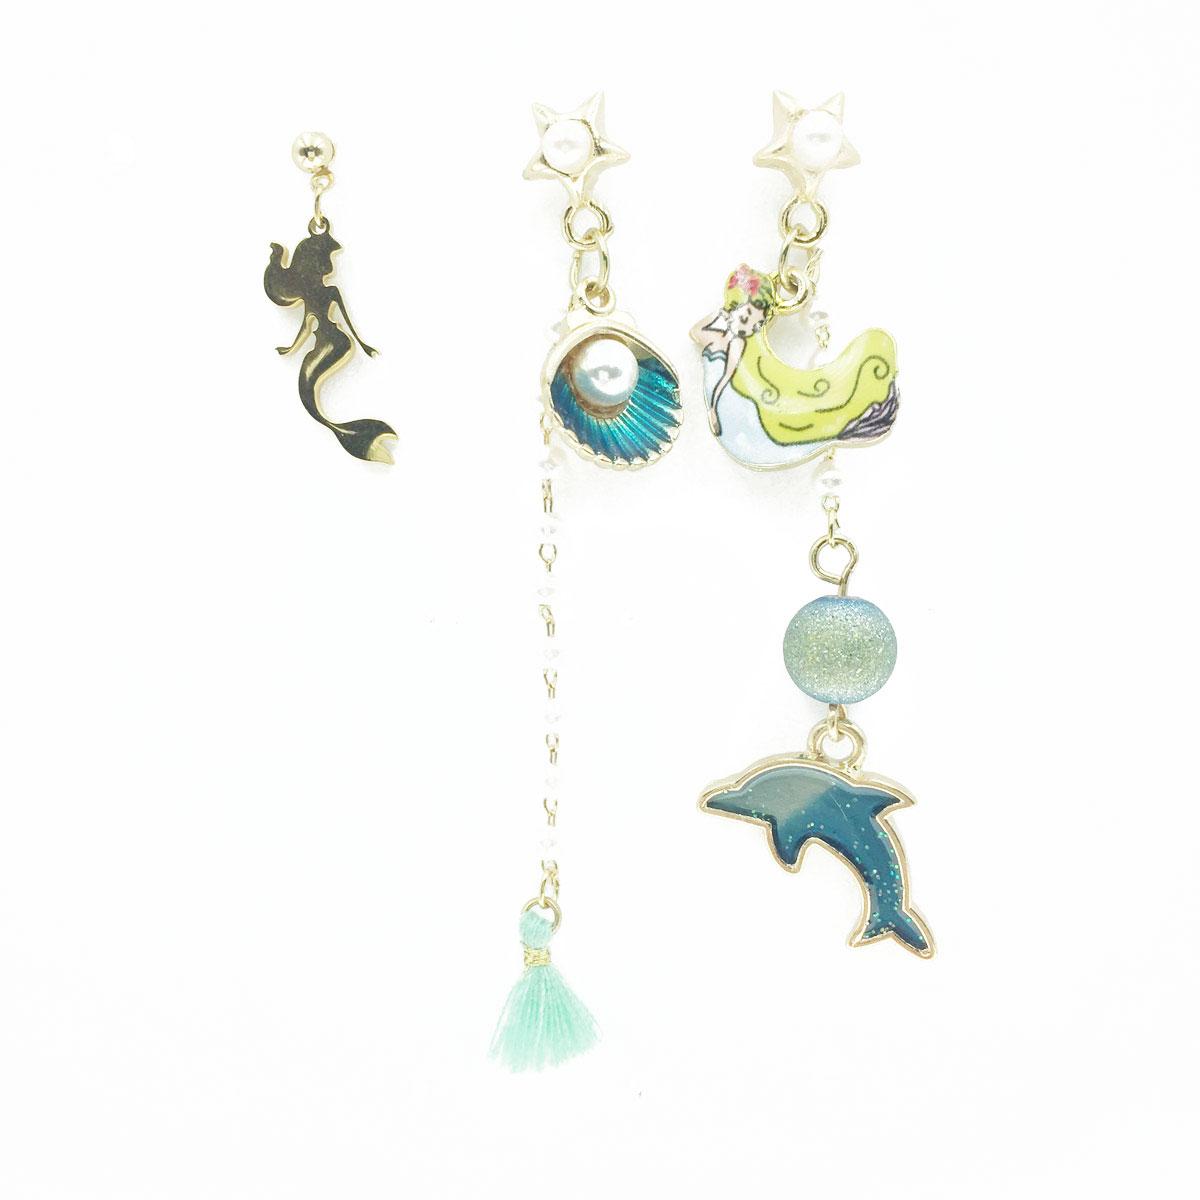 韓國 不對稱 刺繡 燙布貼 美人魚 貝殼 海豚 珍珠 流蘇 垂墜感 3入 耳針式耳環